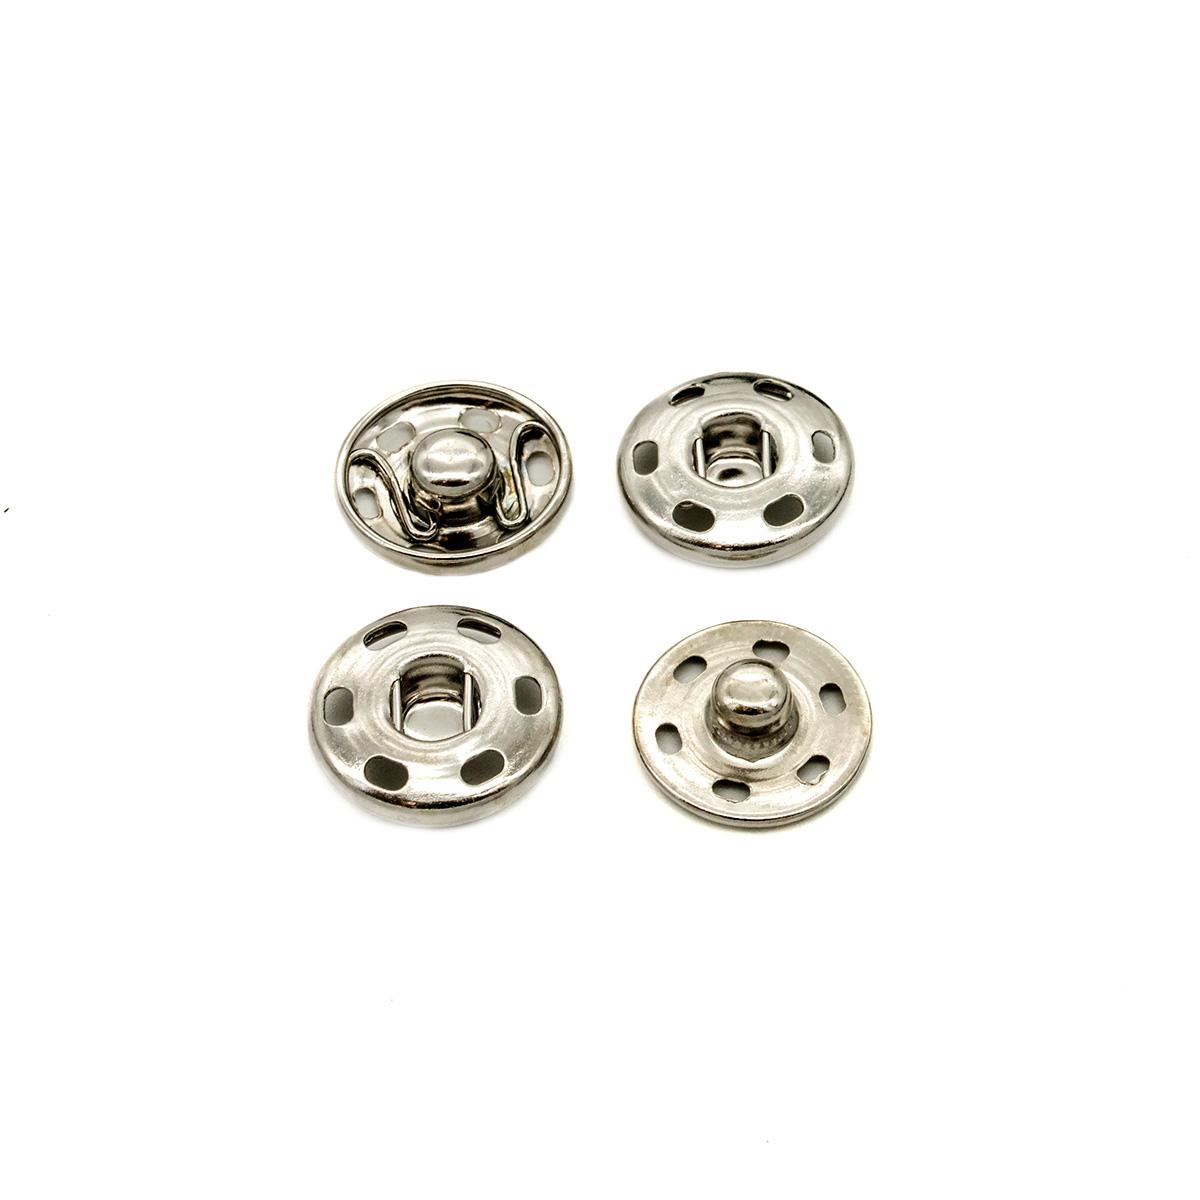 Кнопки для легких тканей пришивные, 10 компл., 16 мм, никель 512118, Hobby&Pro